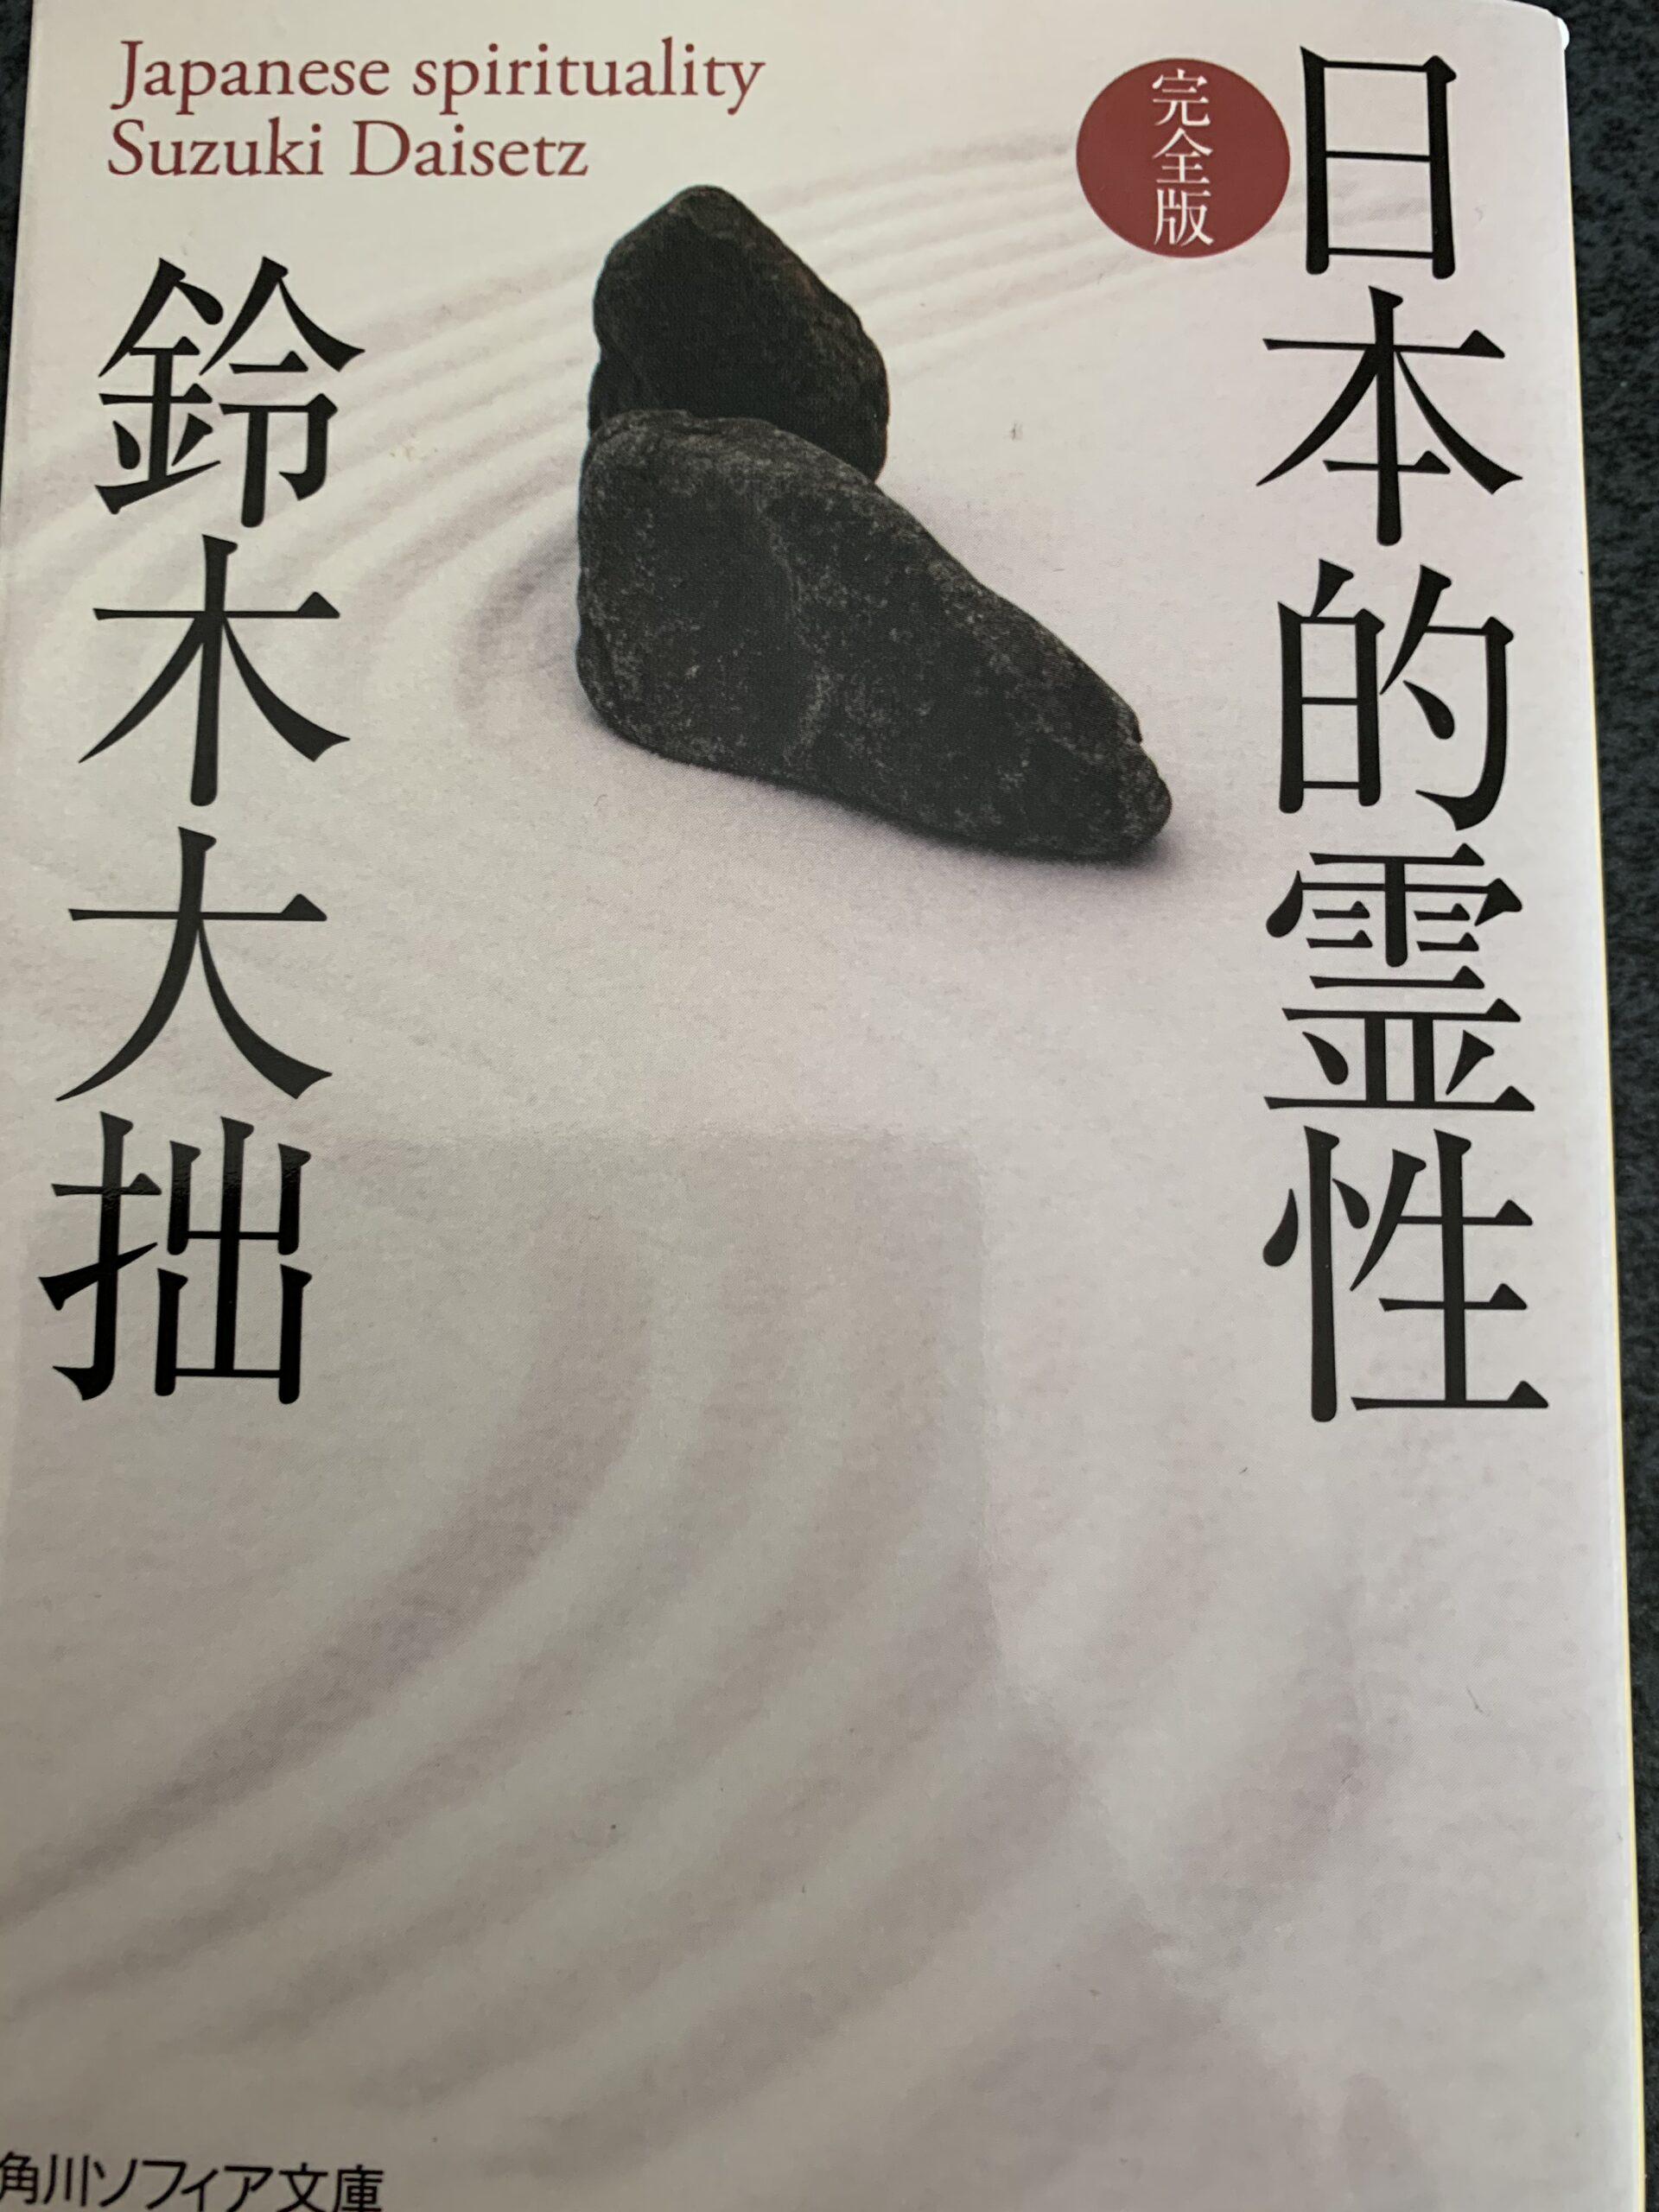 日本的霊性